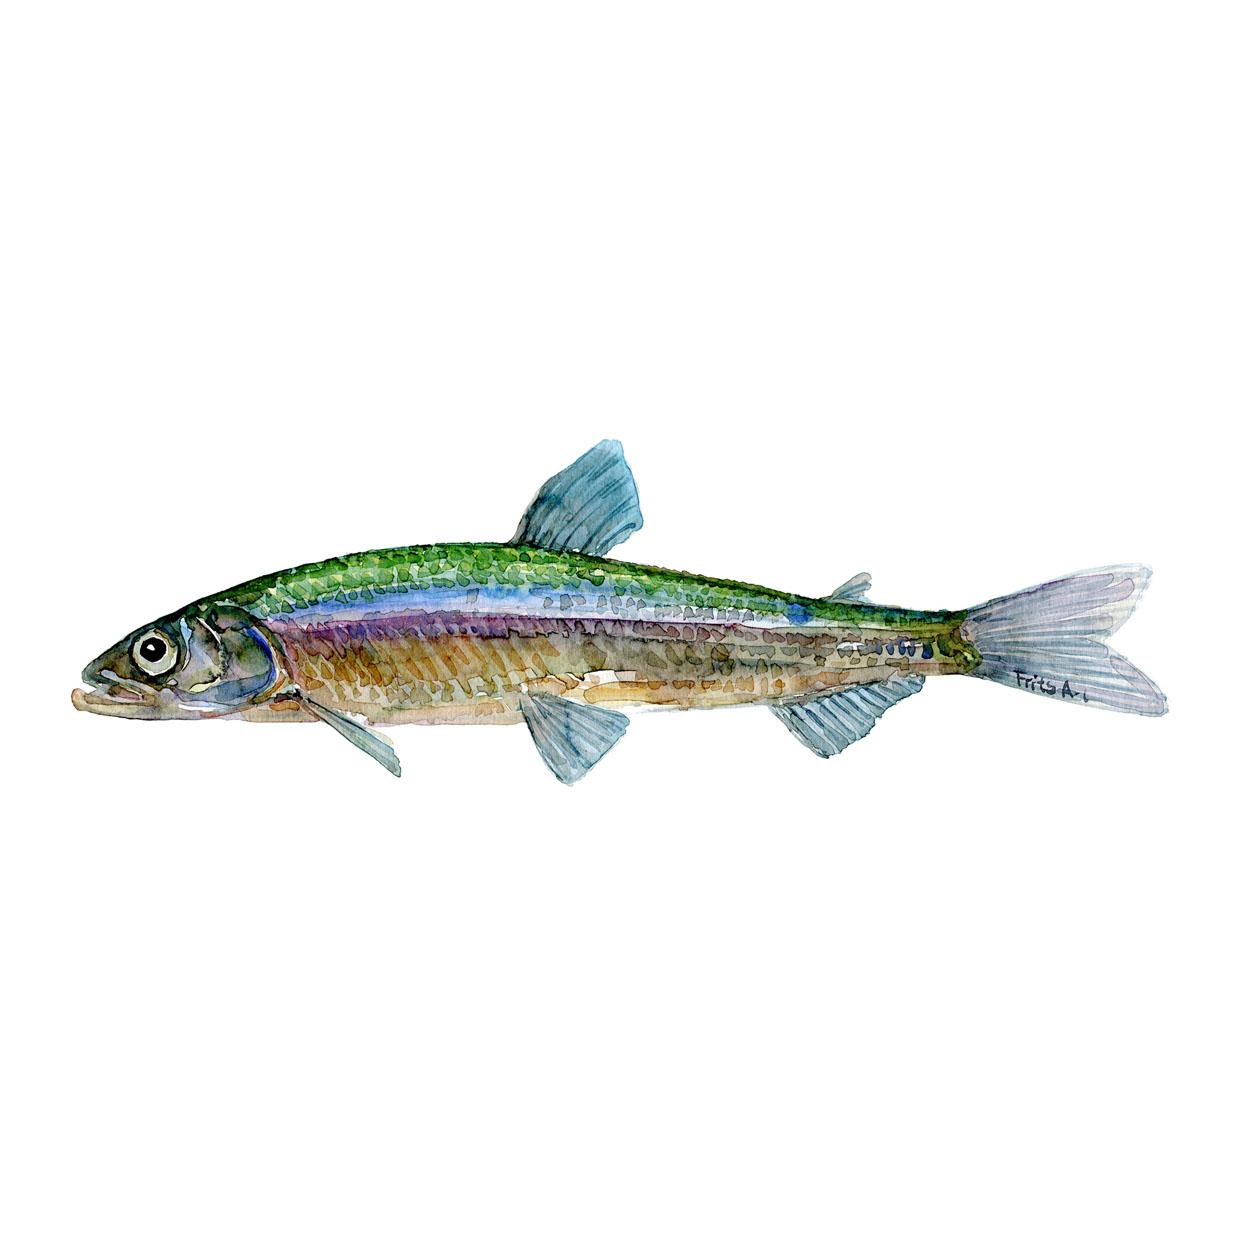 Helting Ferskvandsfisk og biodiversitet i Danmark Akvarel af Frits Ahlefeldt